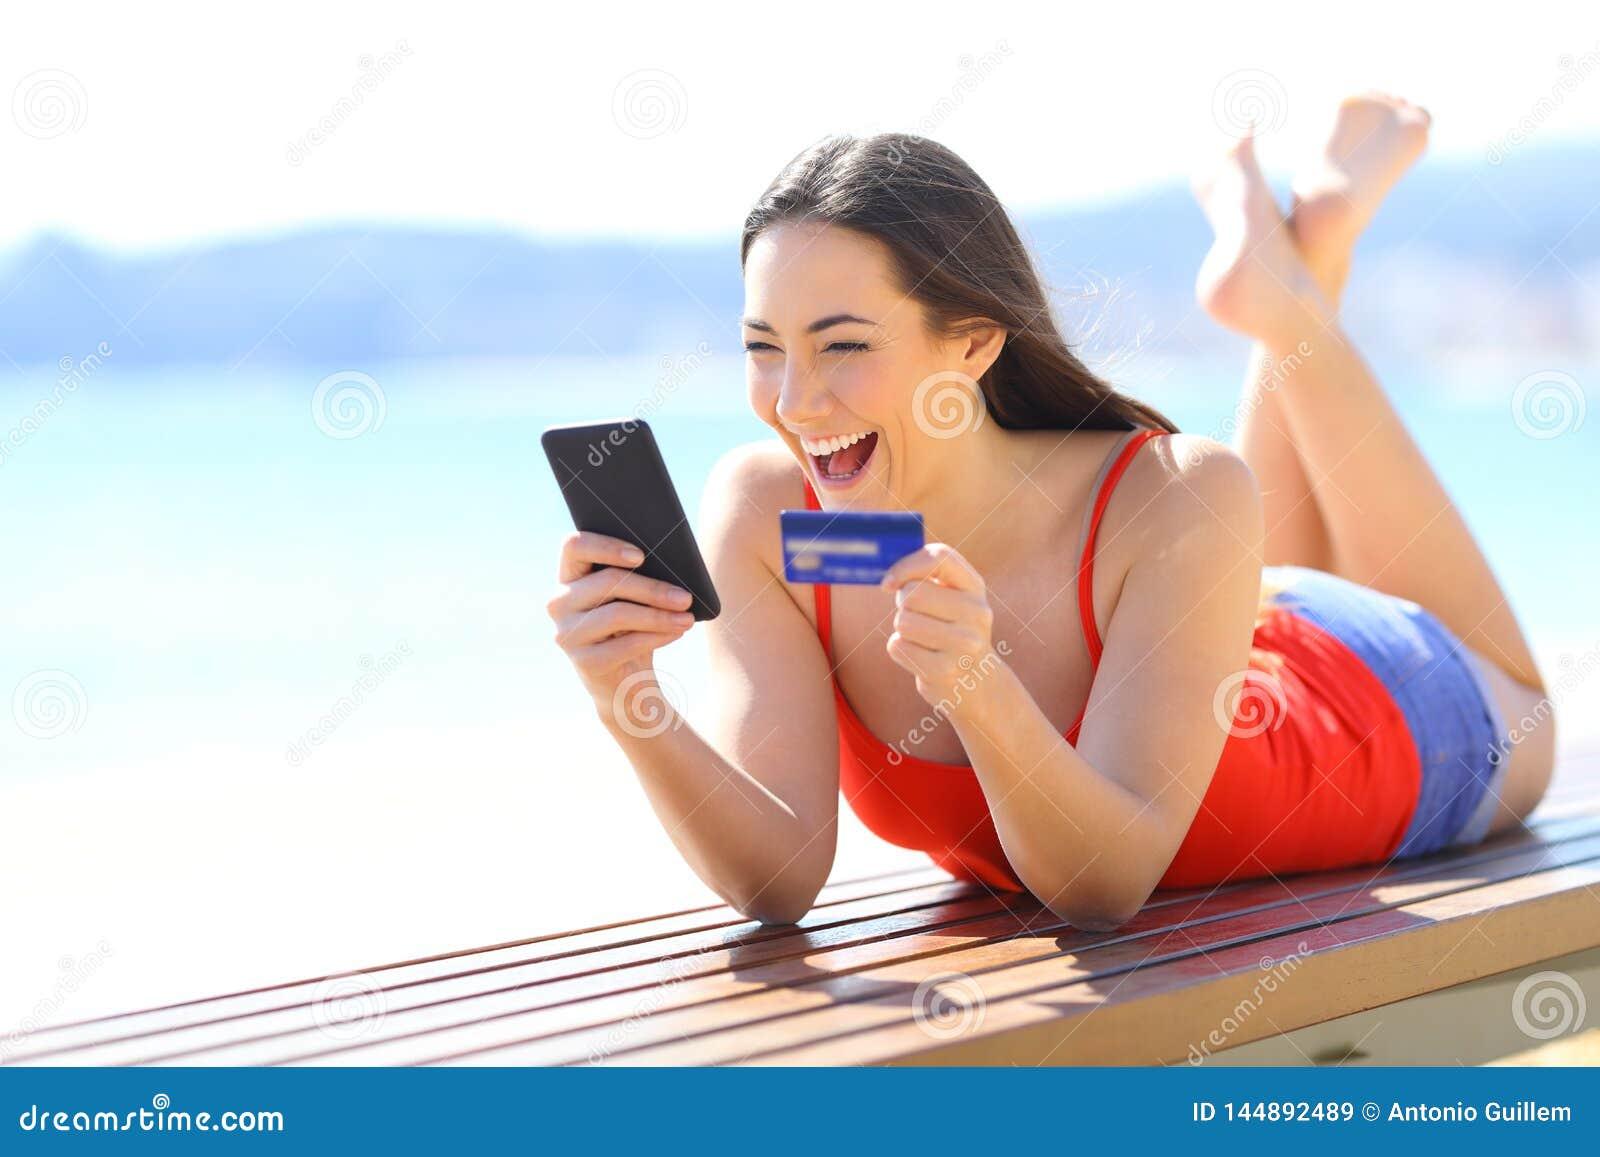 发现电子商务提议的激动的女孩在网上买